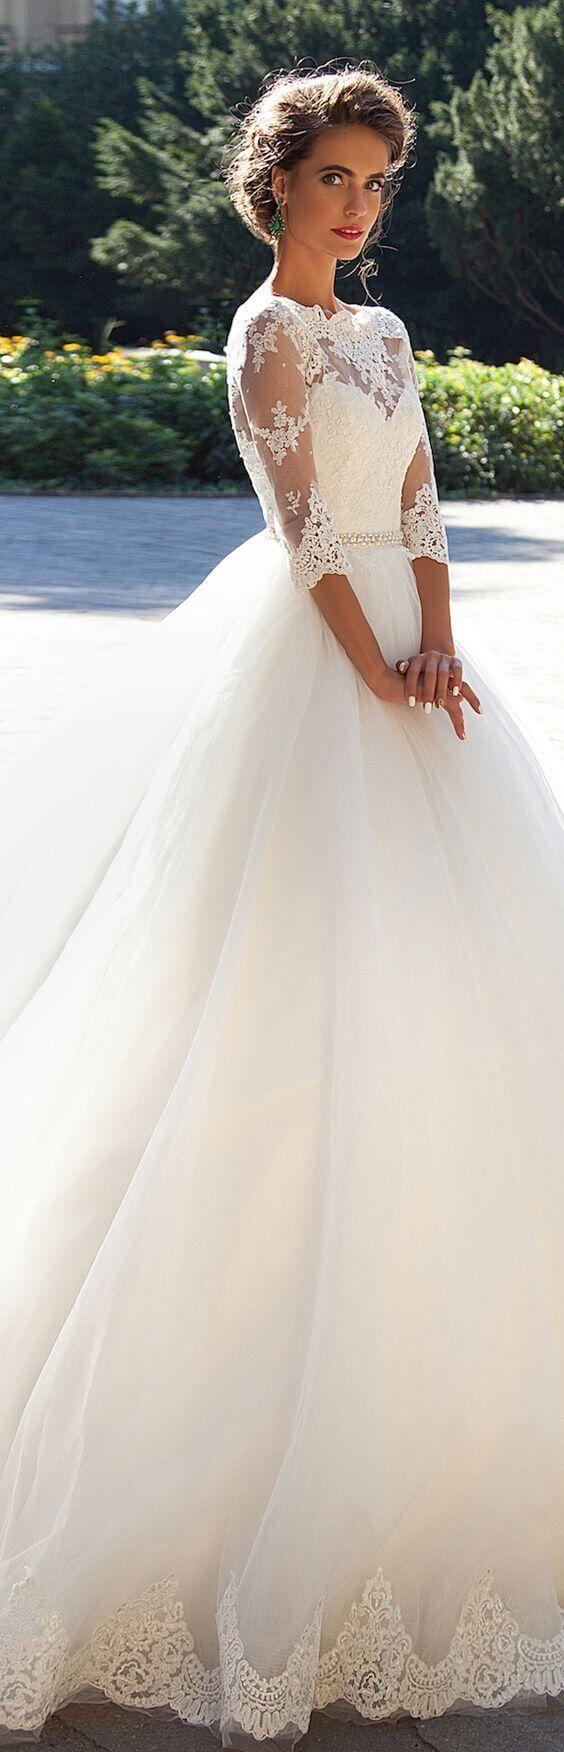 amazing wedding dresses lace bodice wedding dress and wedding